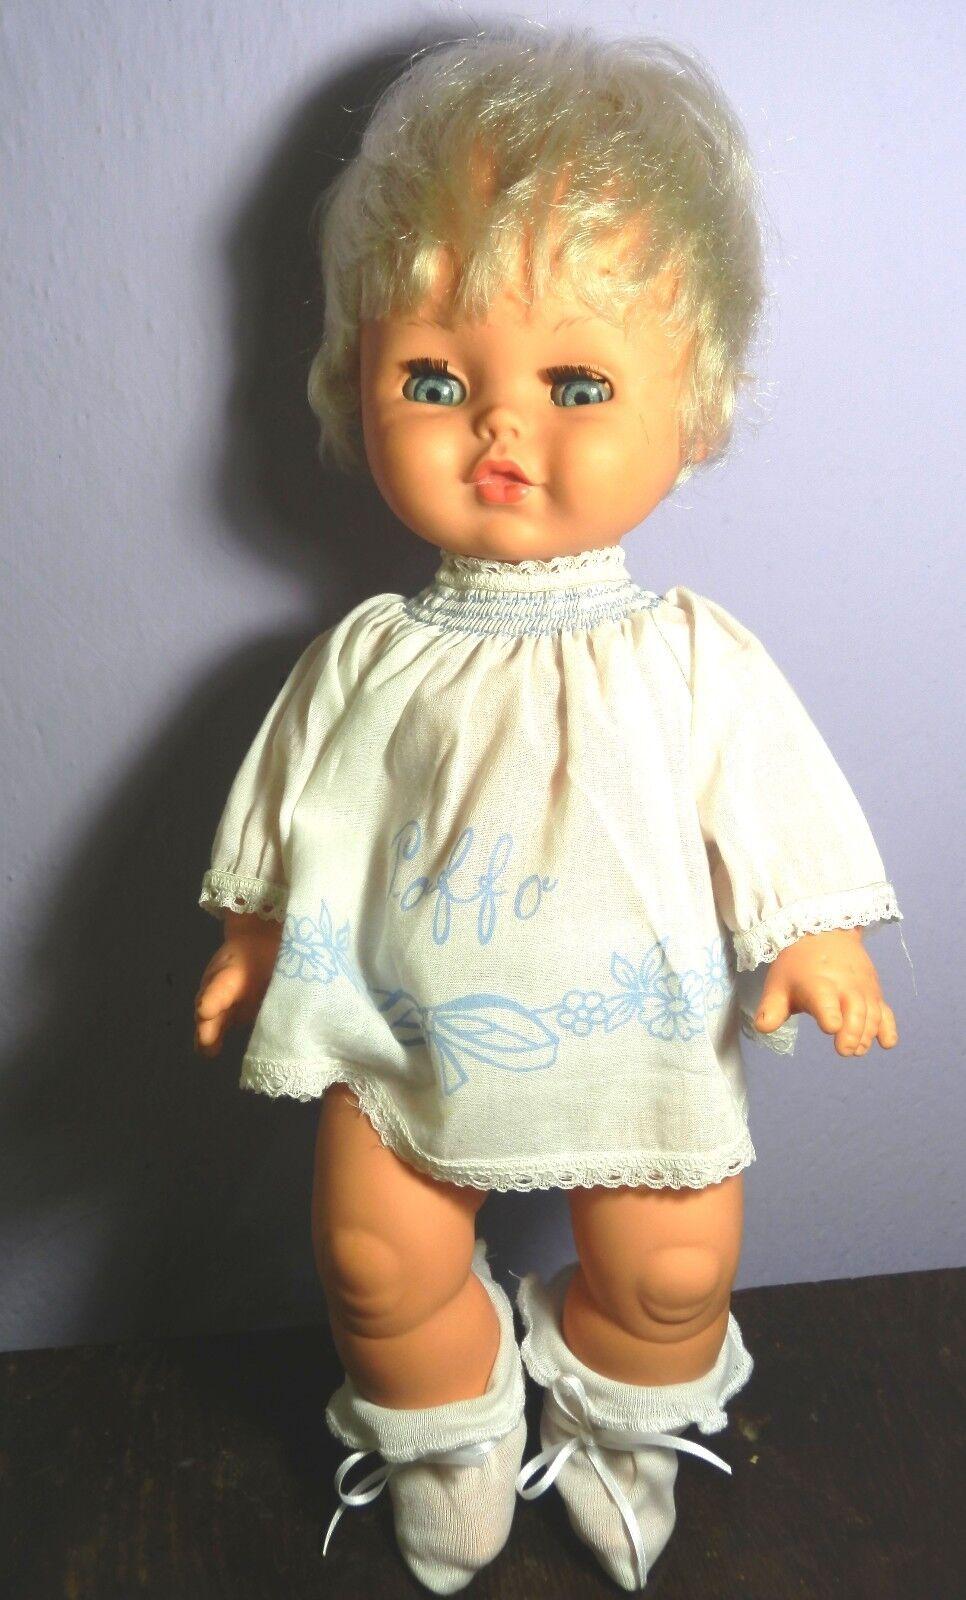 Paffo della EFFE Doll Poupee Puppen  anni 60/70 Vintage Antico